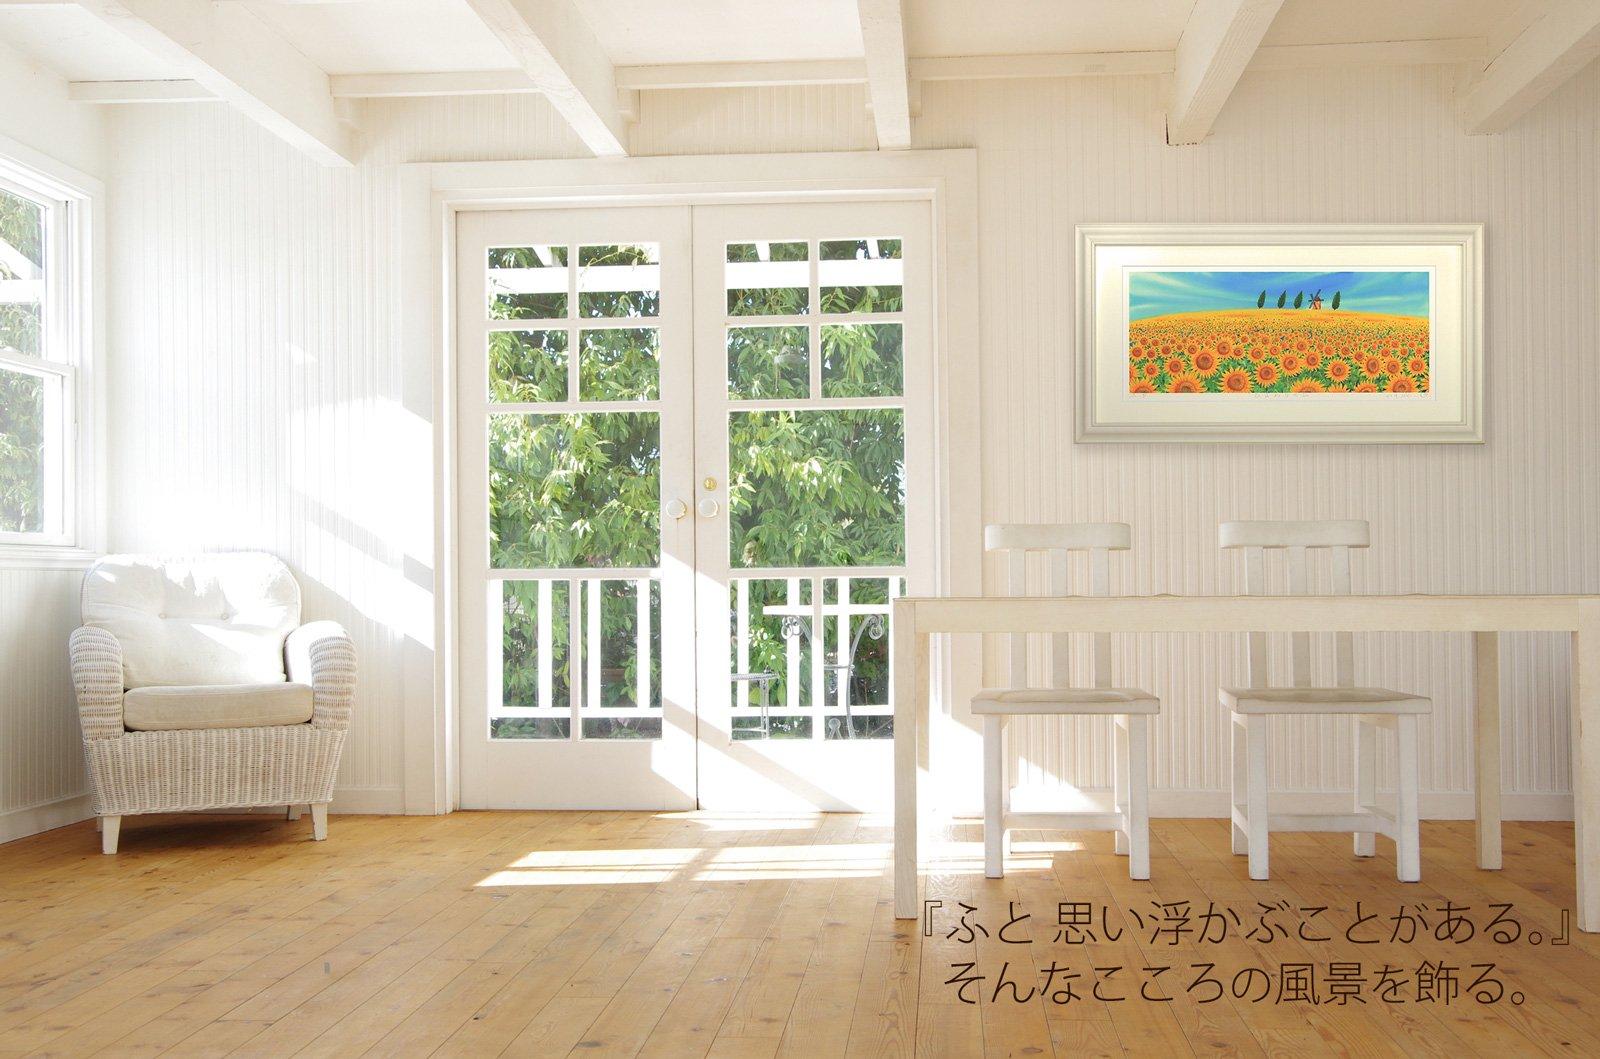 《絵画 水彩画》Rose garden〔栗乃木ハルミ くりのきはるみ 〕